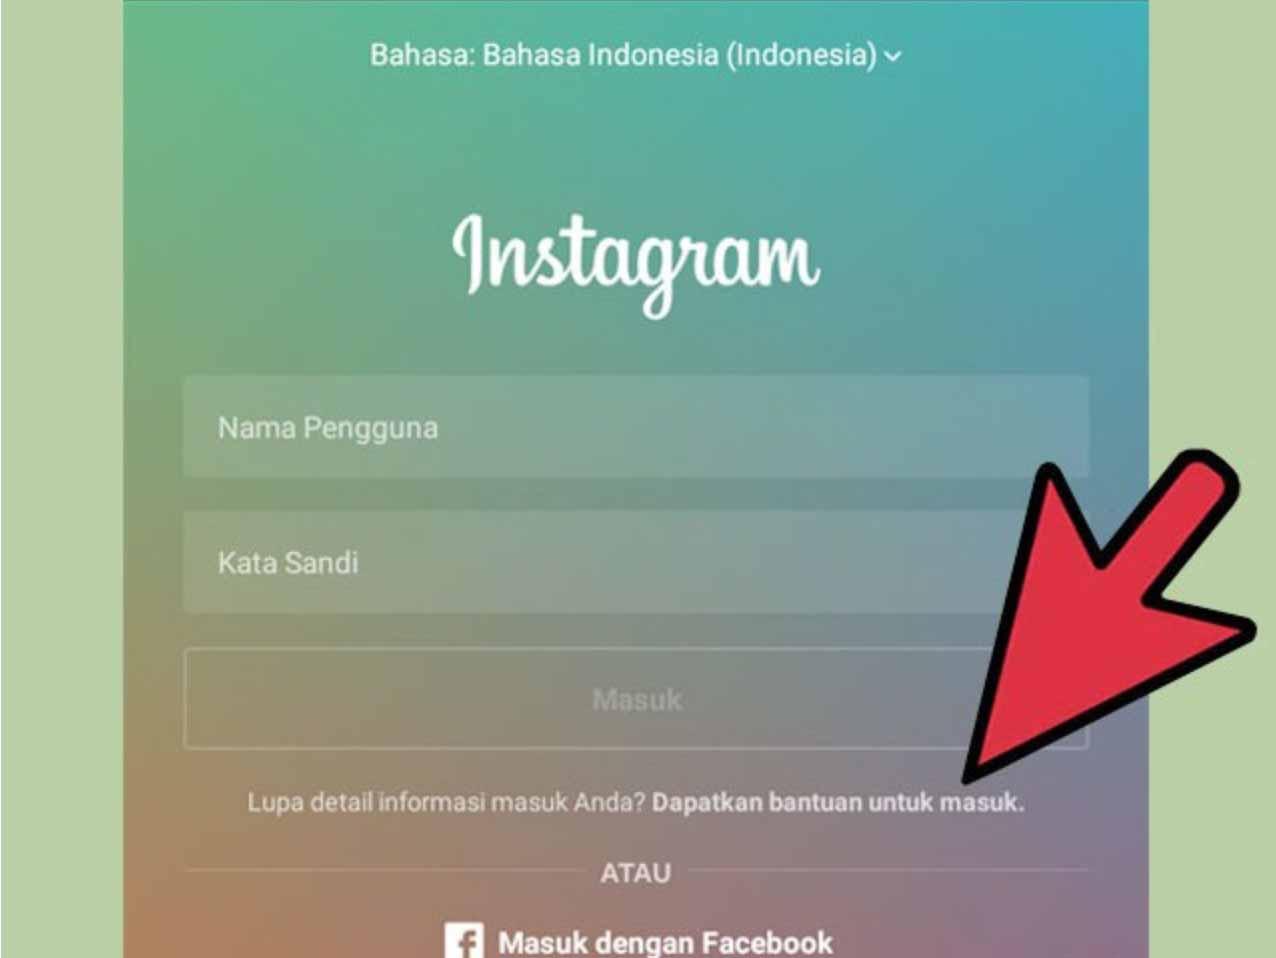 Cara Mengatasi Tidak Bisa Login Instagram Penyebabnya